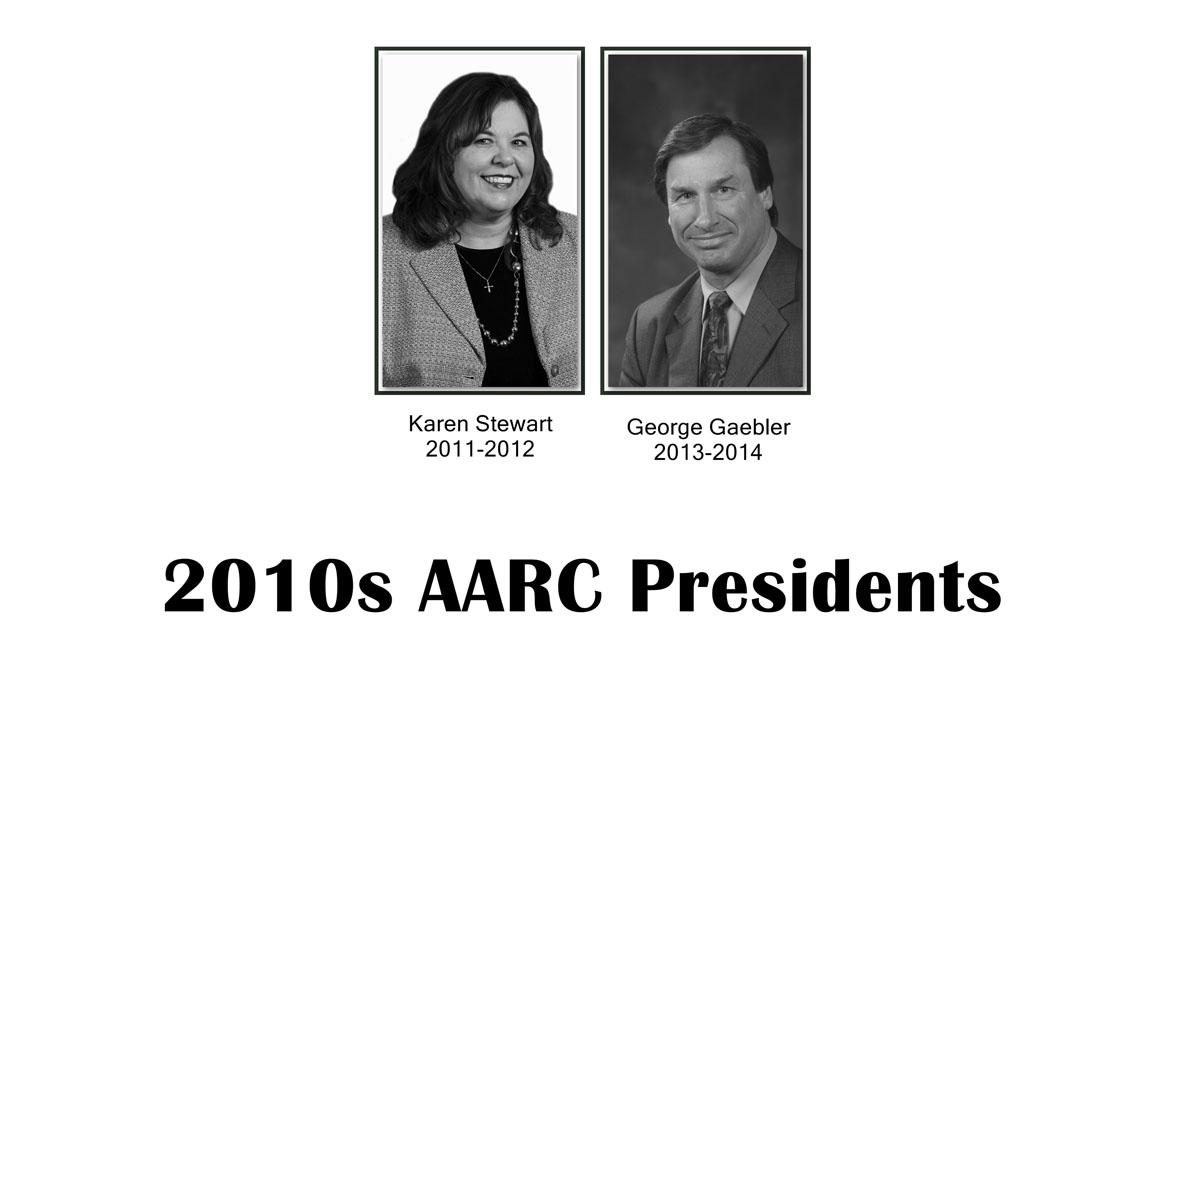 AARC Presidents 2010s